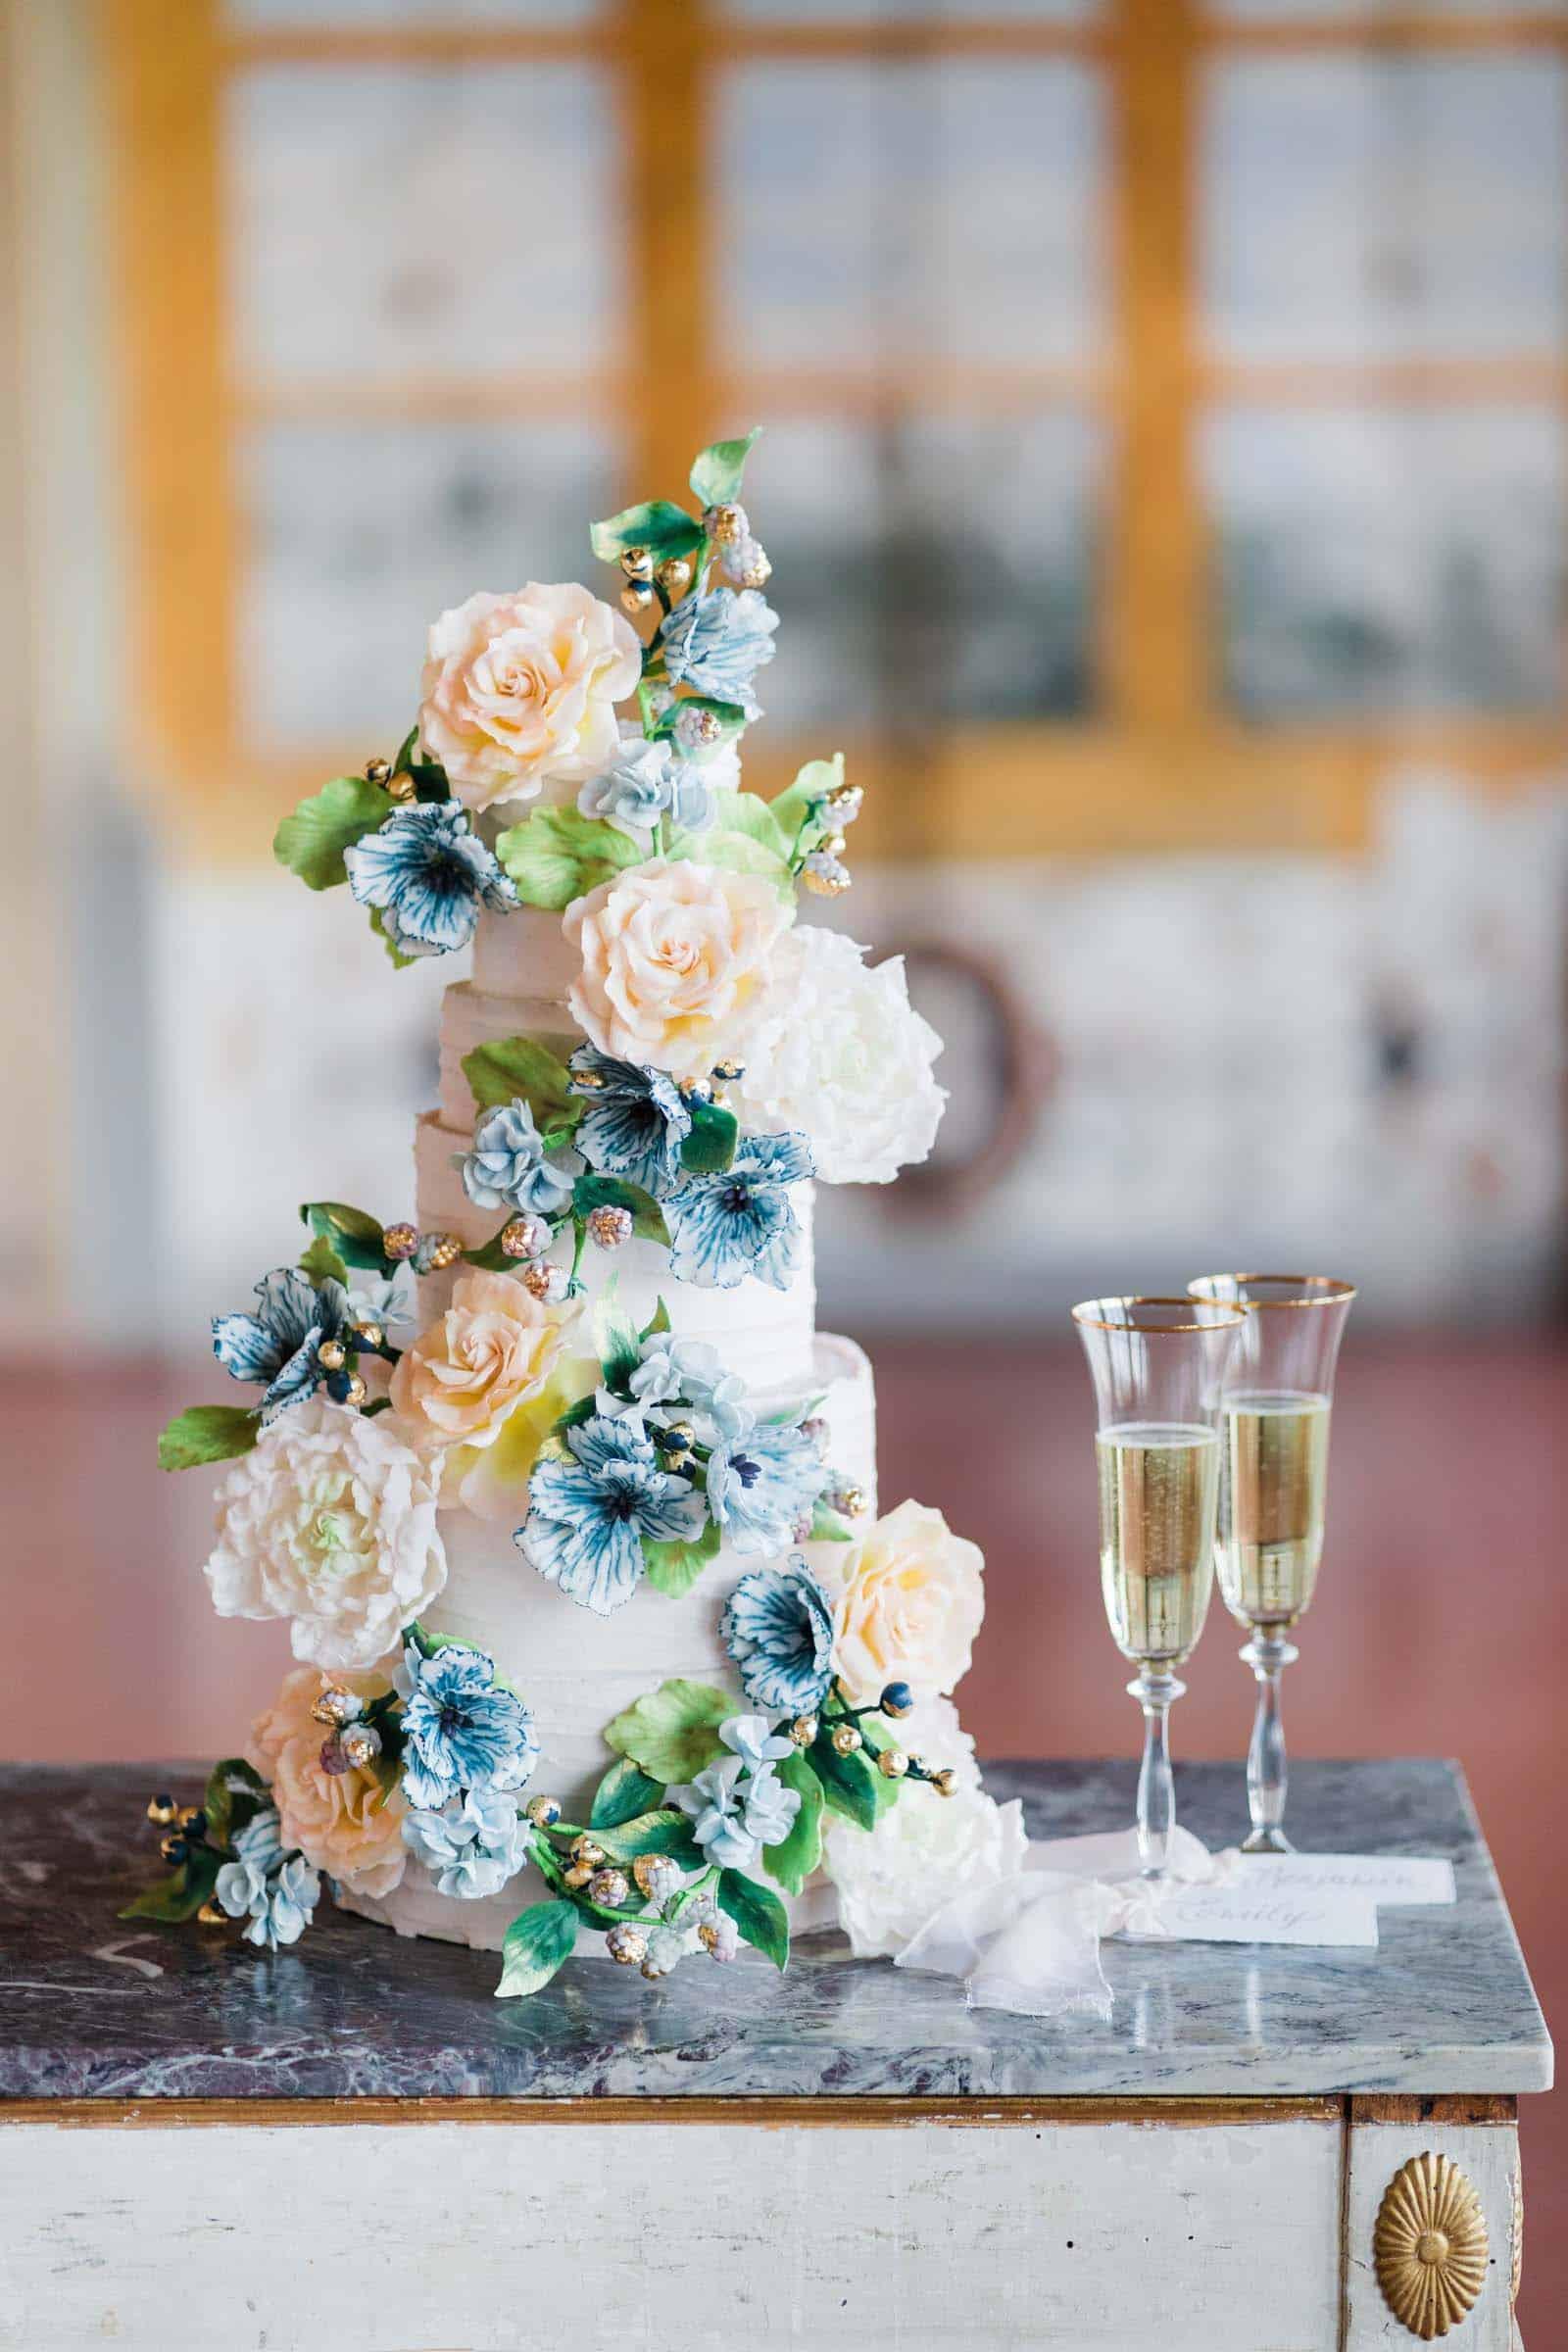 Luxury Wedding Cake Tuscany, Italy